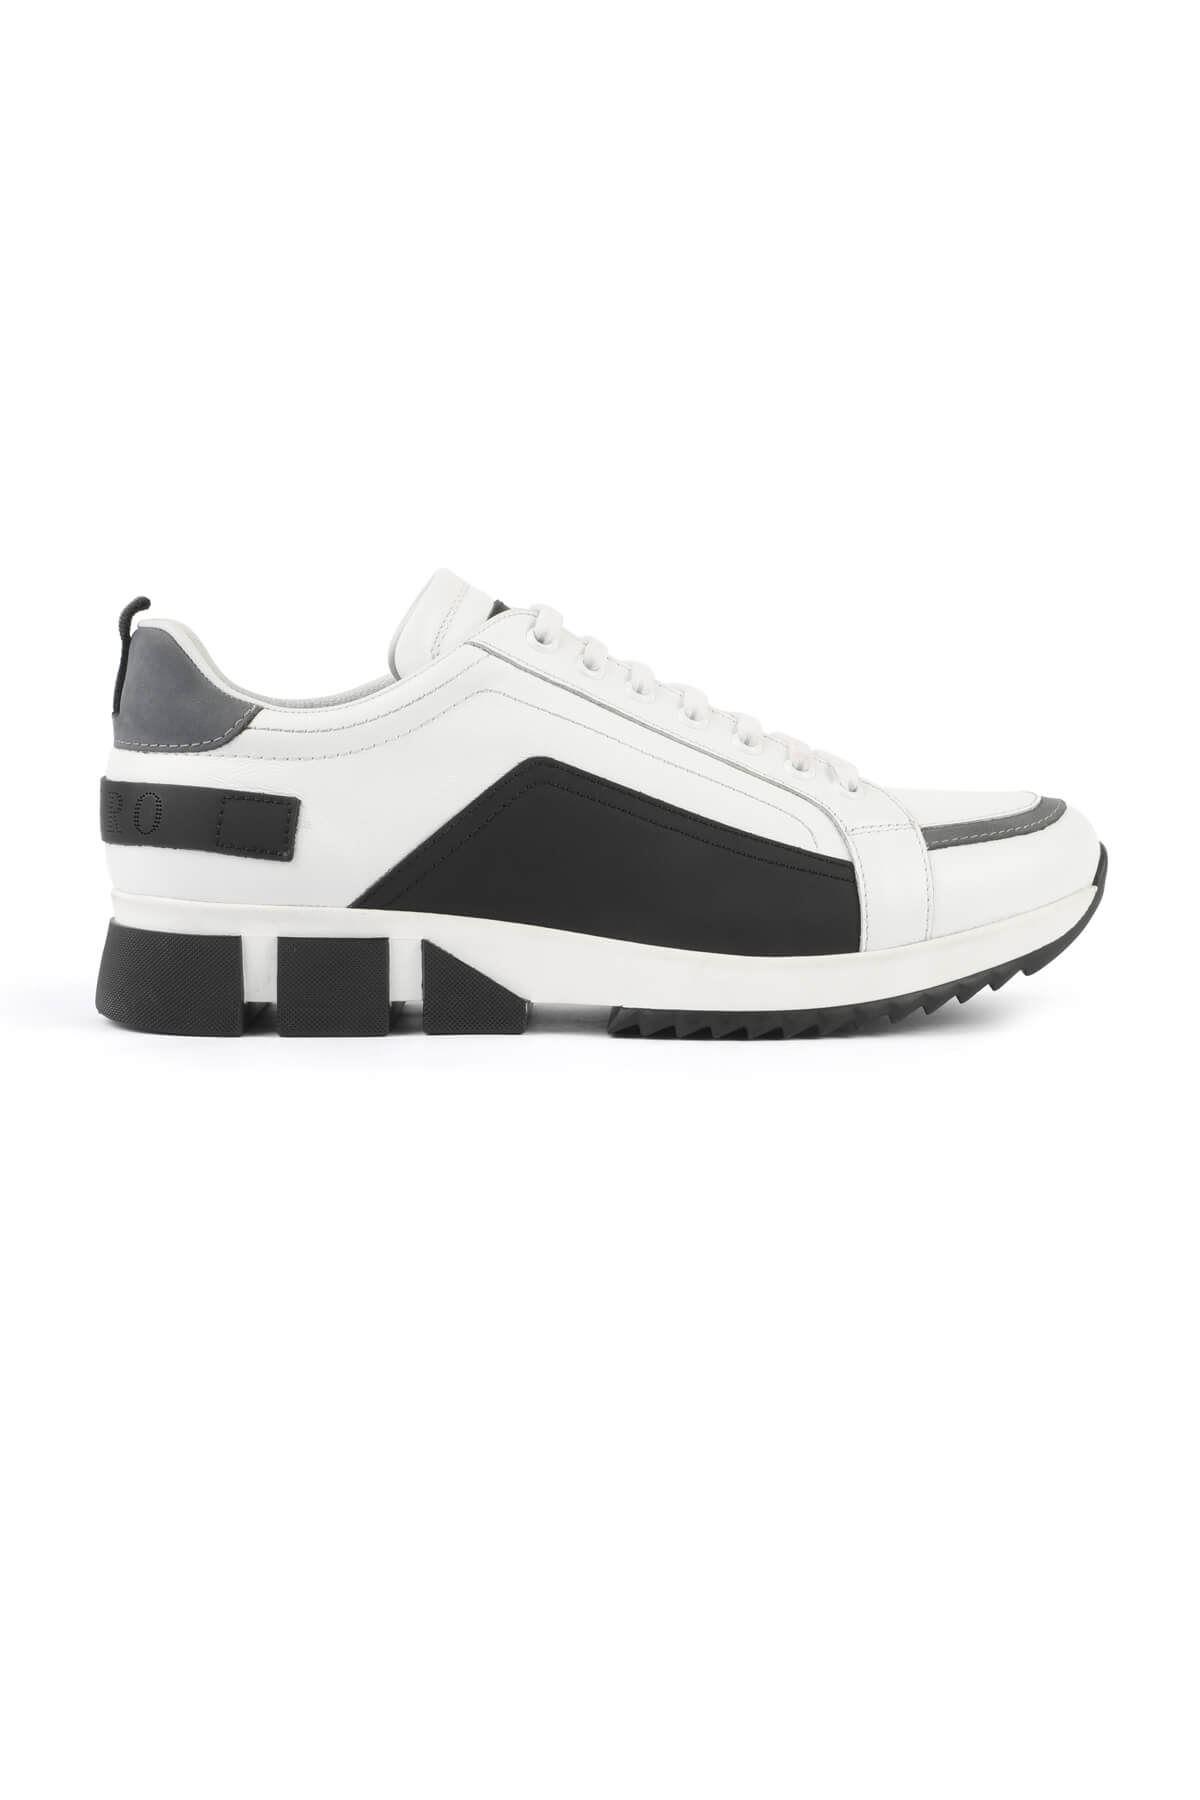 Libero 3133 Beyaz Siyah Spor Ayakkabı